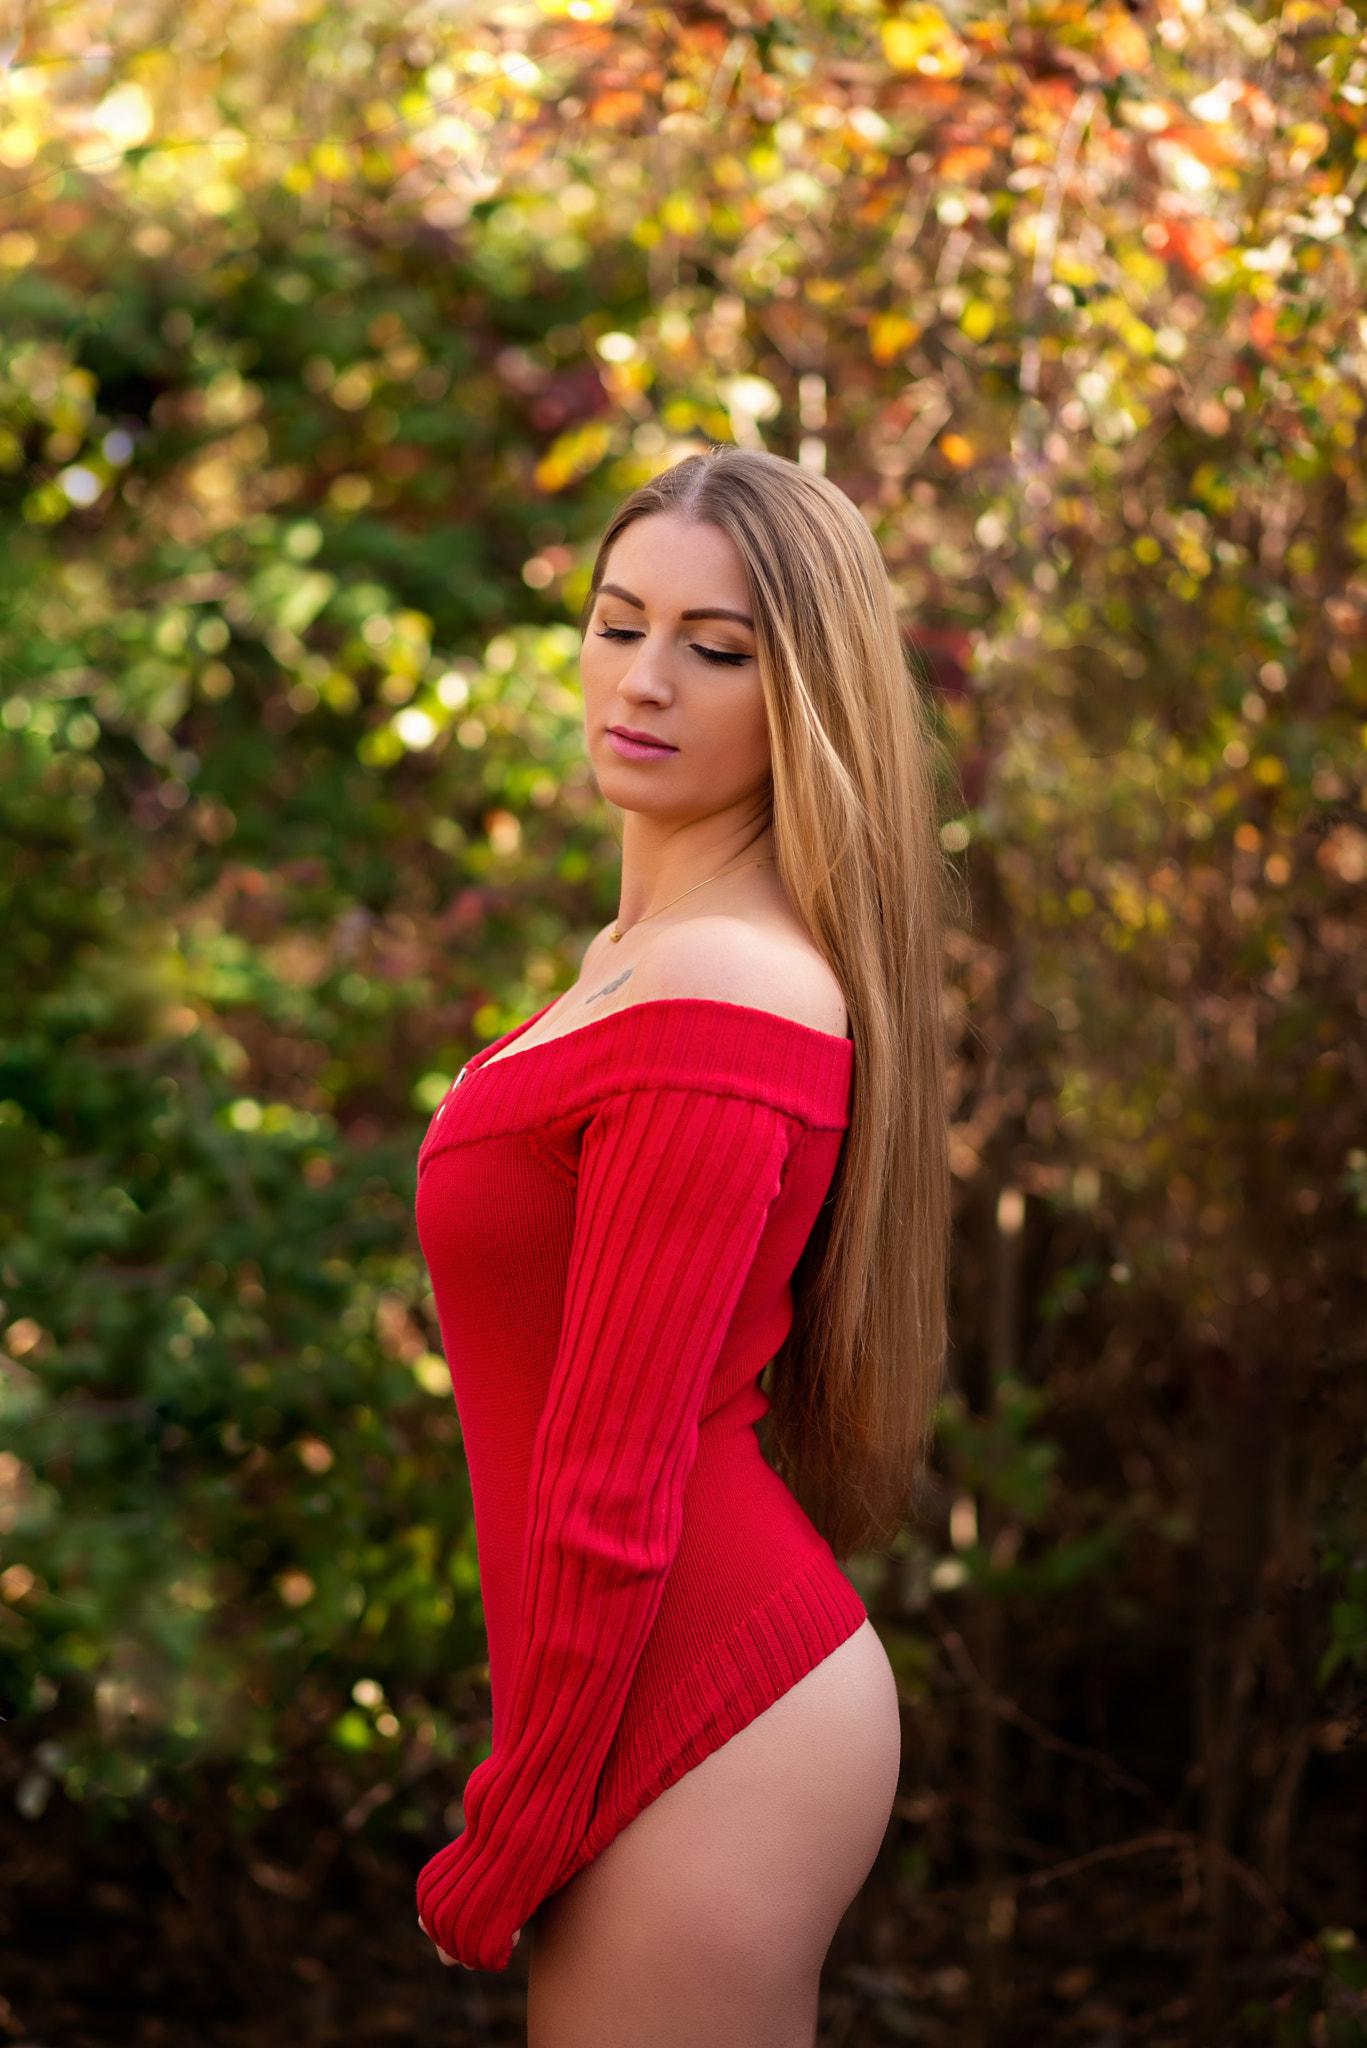 Fondos De Pantalla Mujer Modelo Mujeres Al Aire Libre